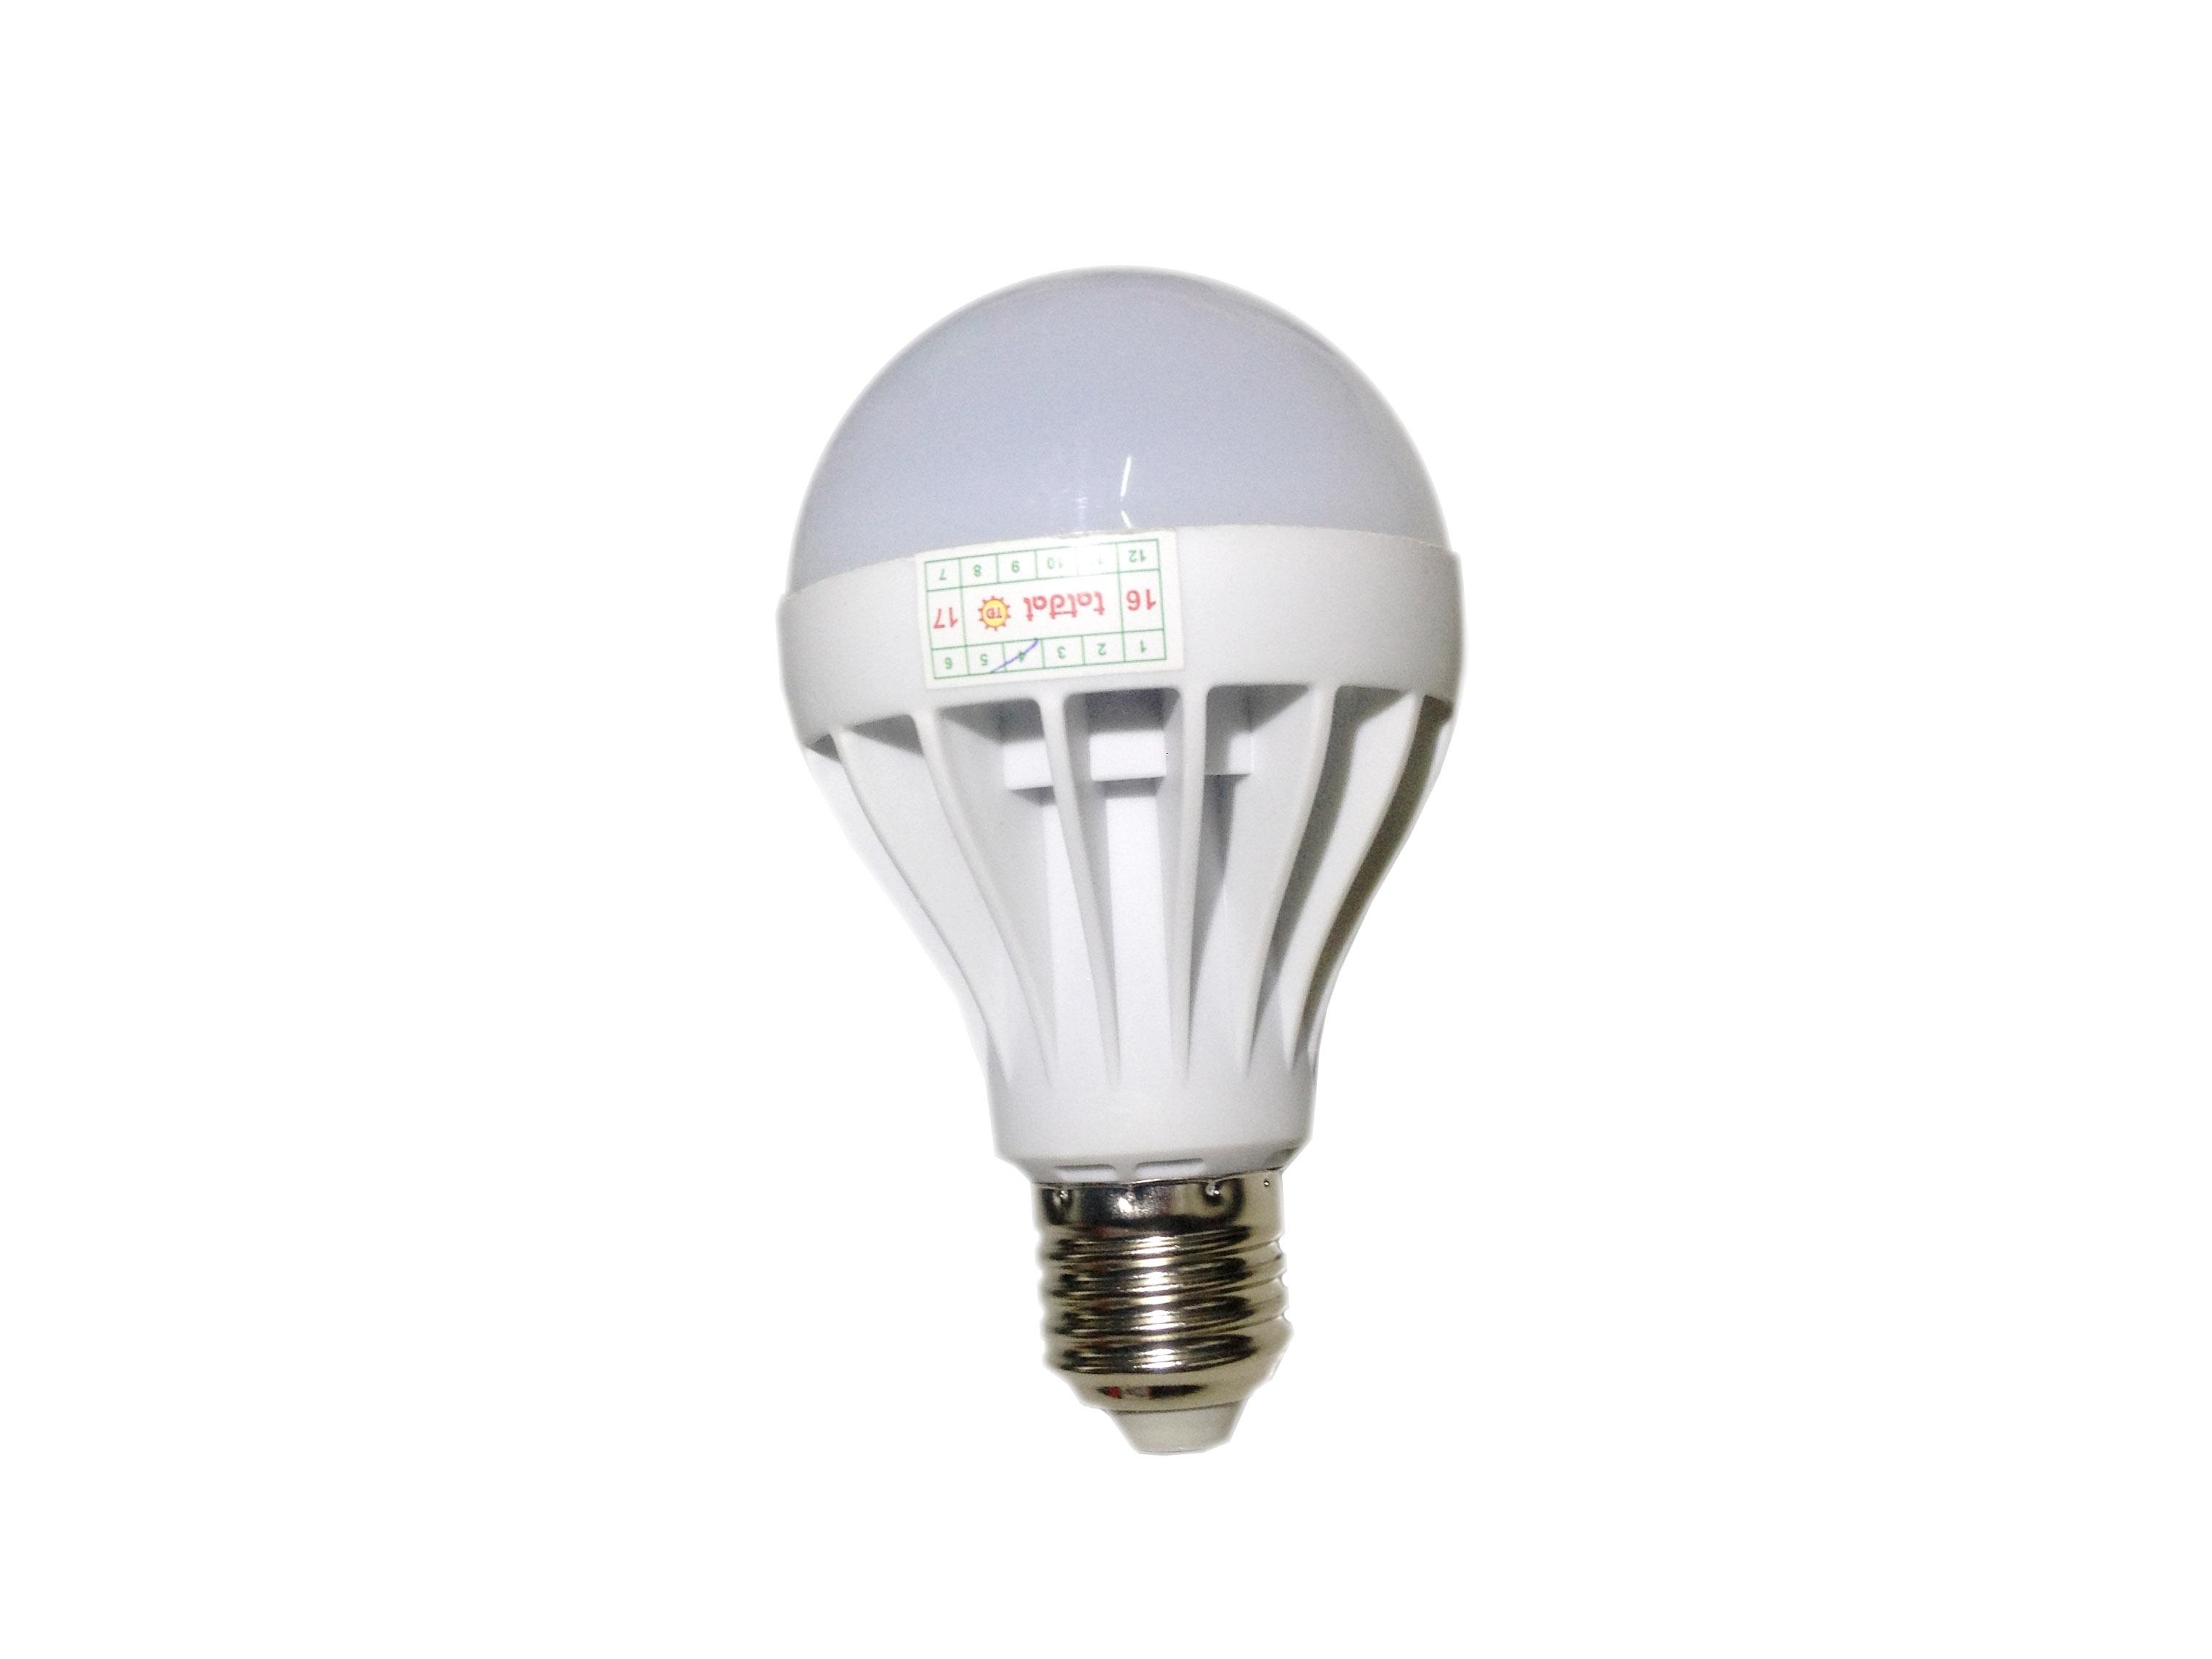 Đèn Led 9W-220V (siêu tích kiệm điện)